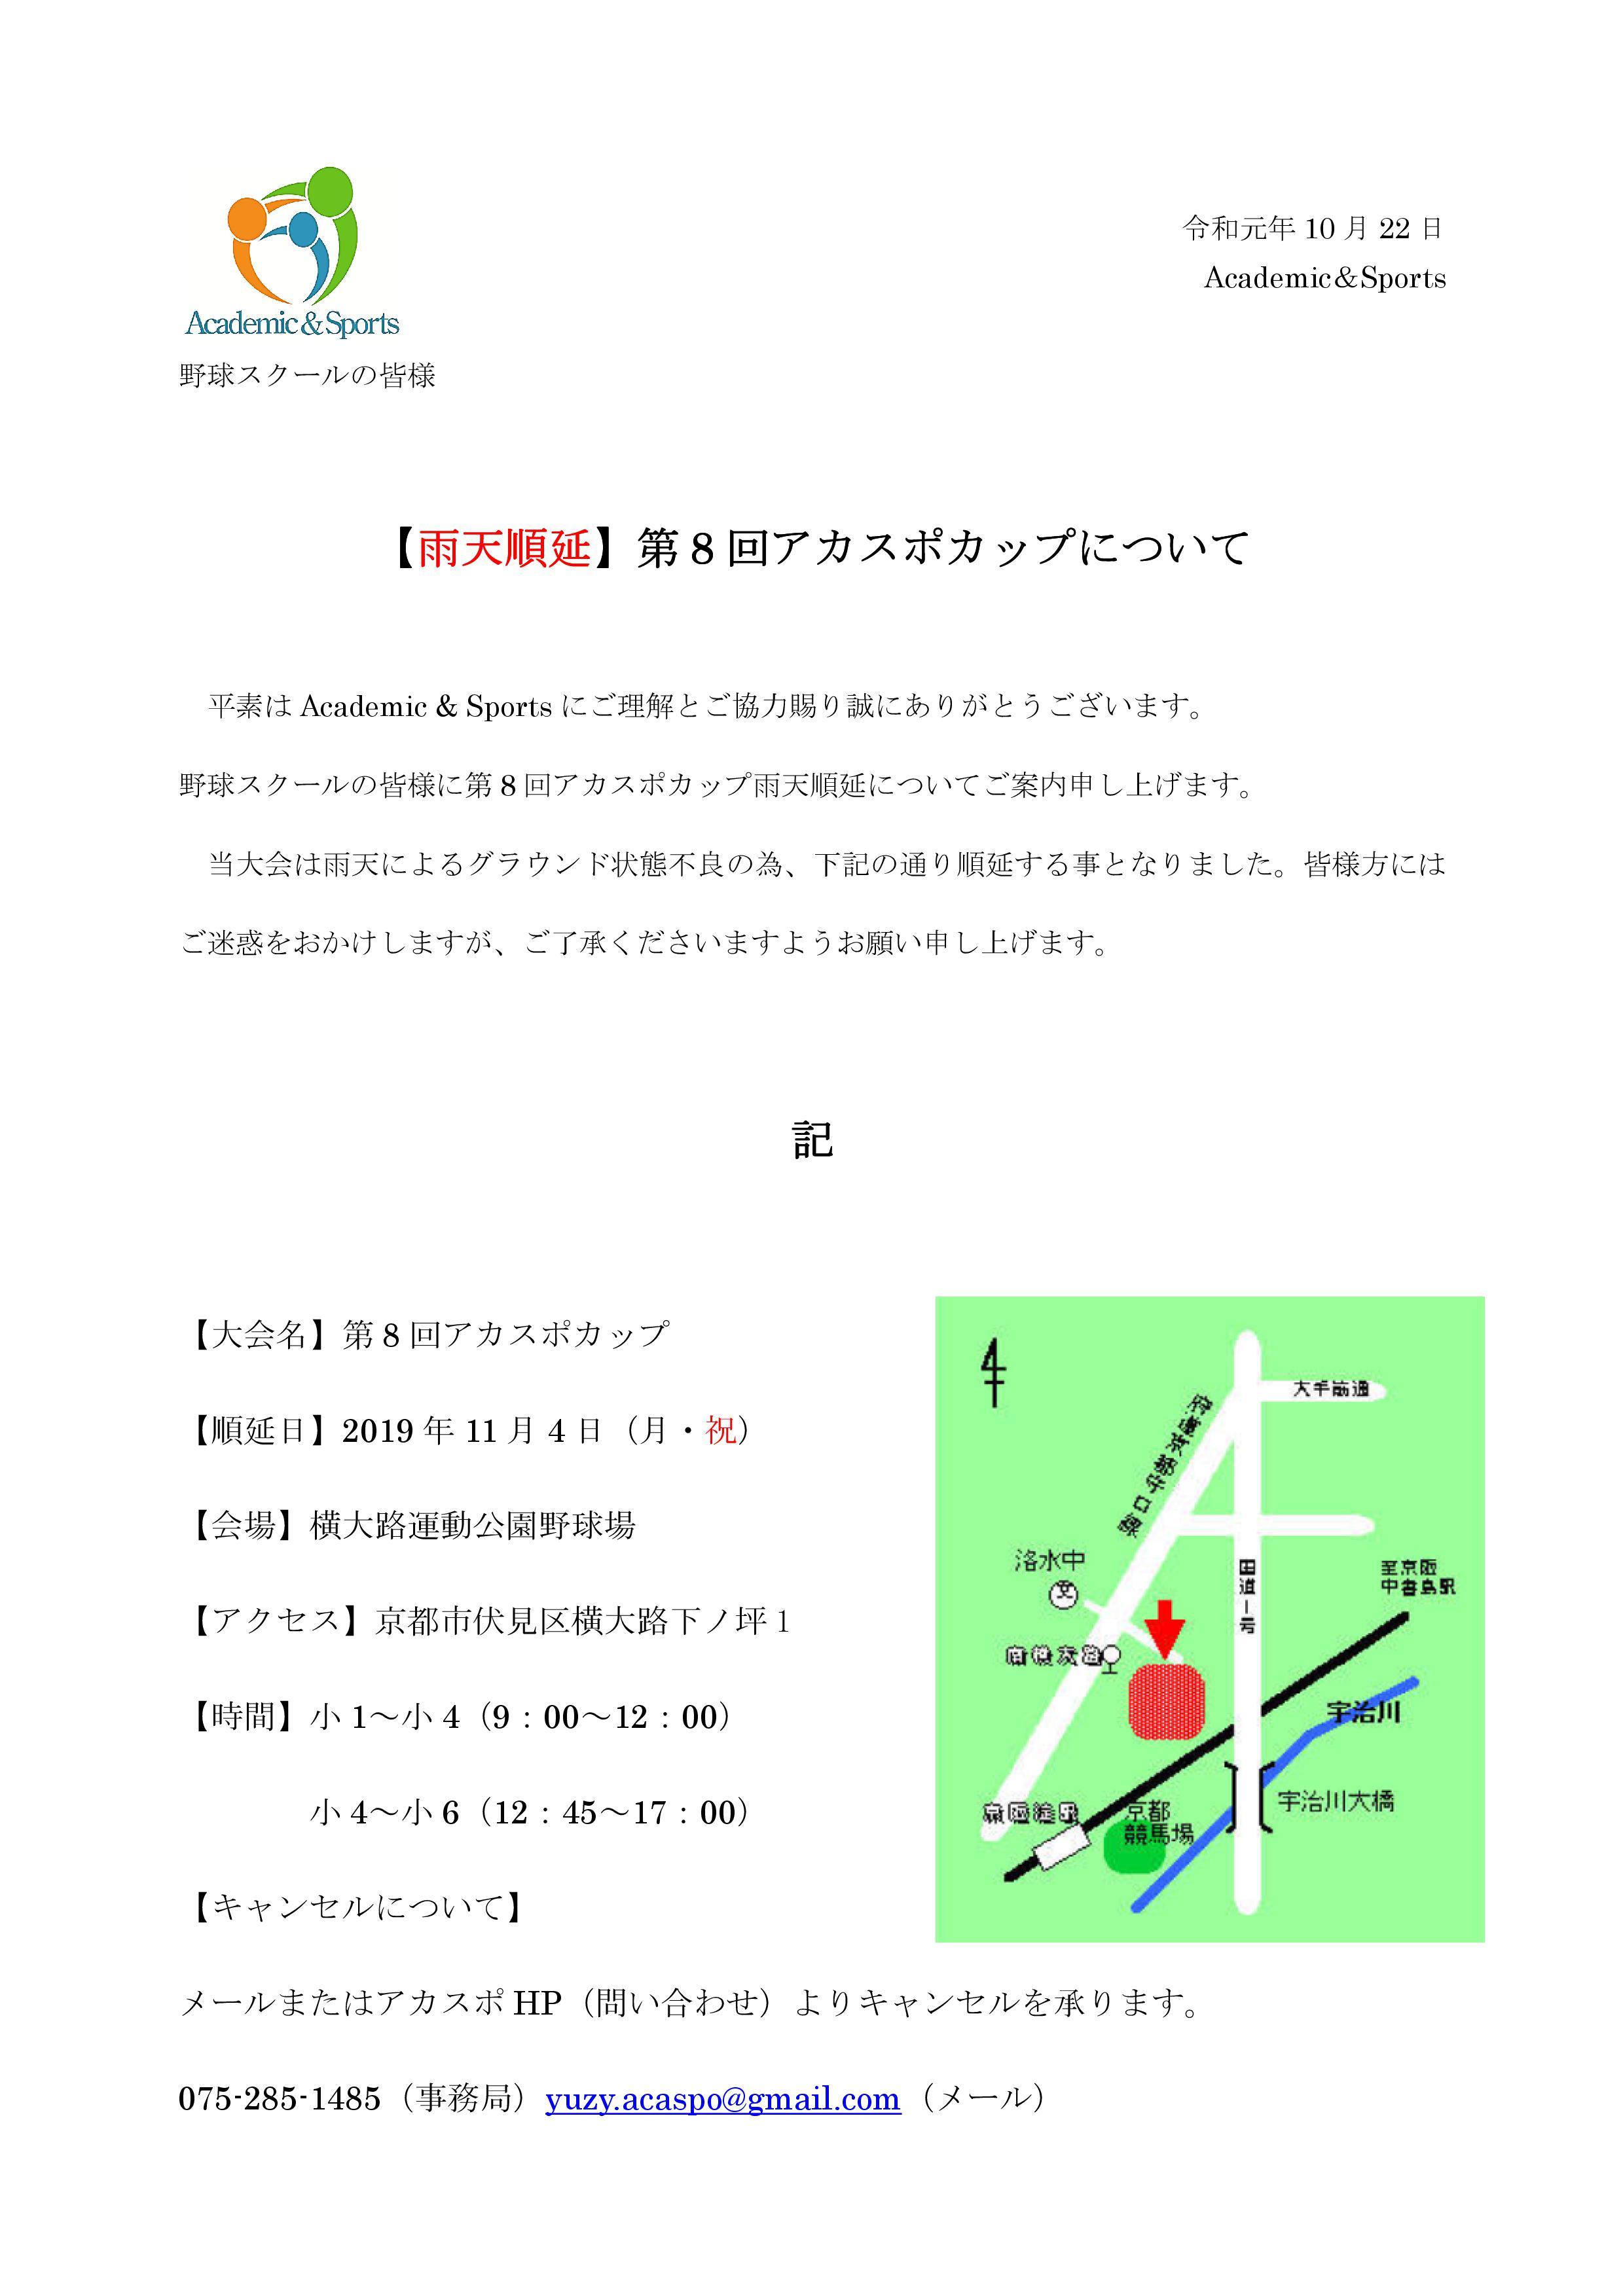 【10/22配信】第8回アカスポカップ(雨天順延)